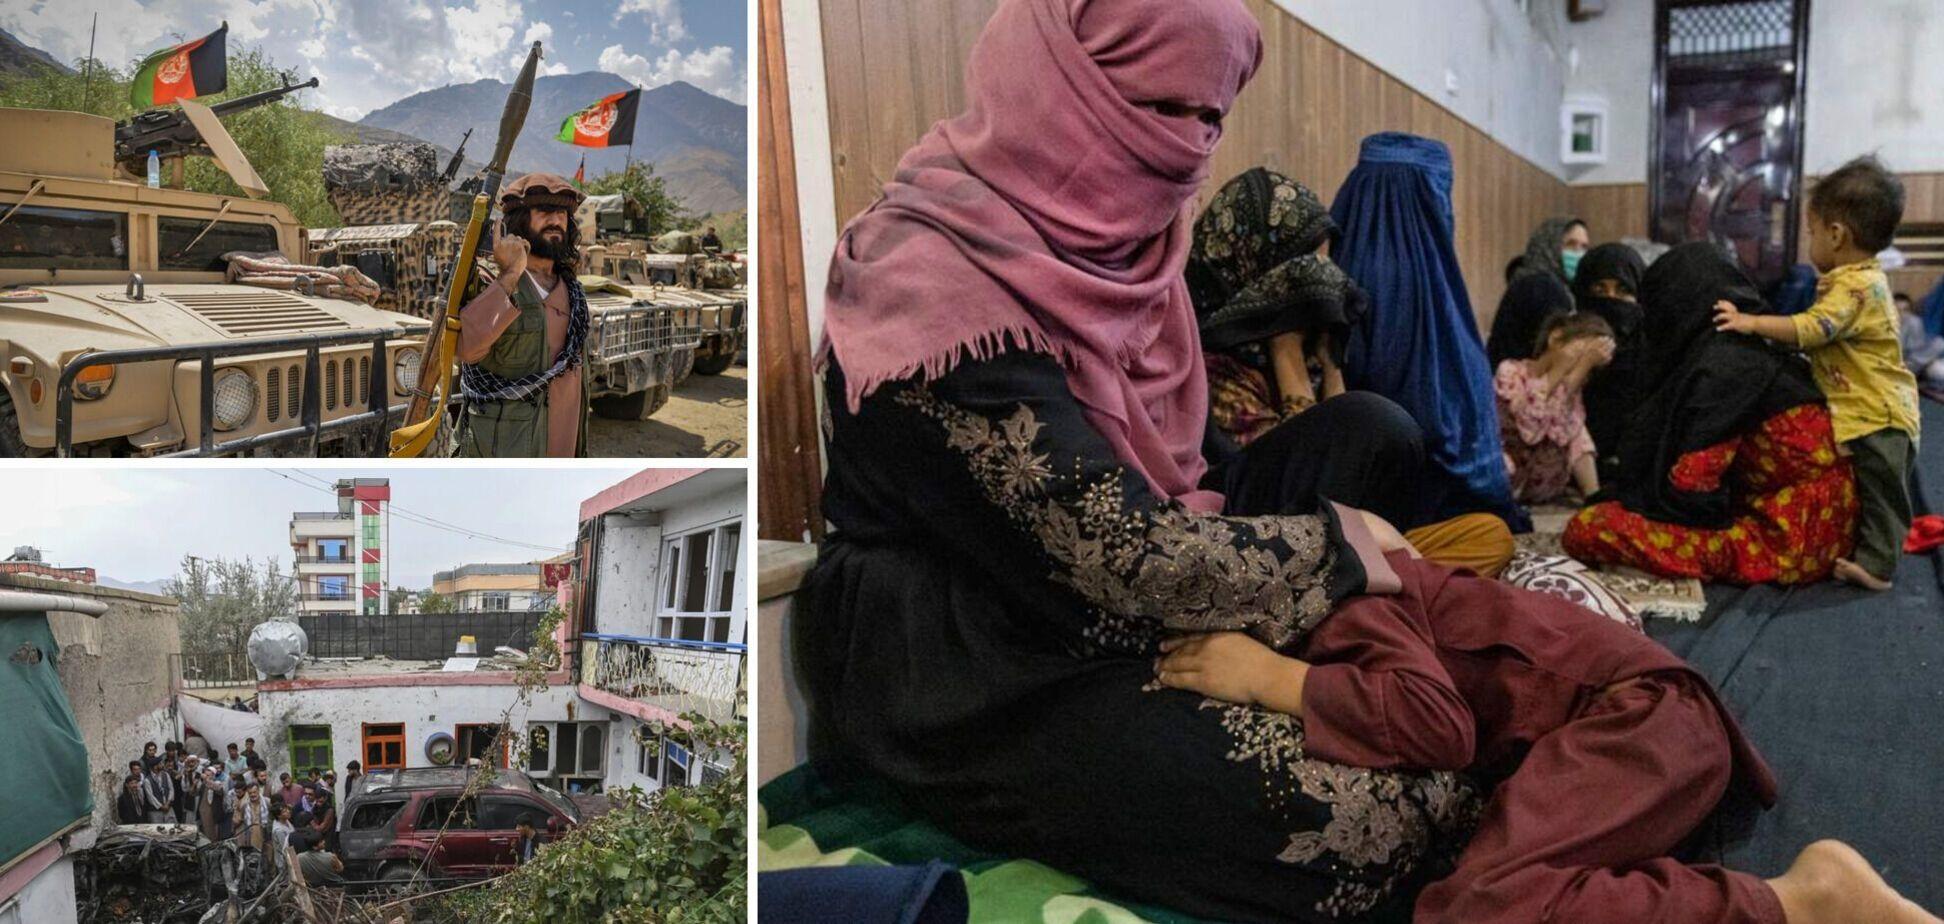 Нові заборони для жінок і помилка американців: що зараз відбувається в Афганістані